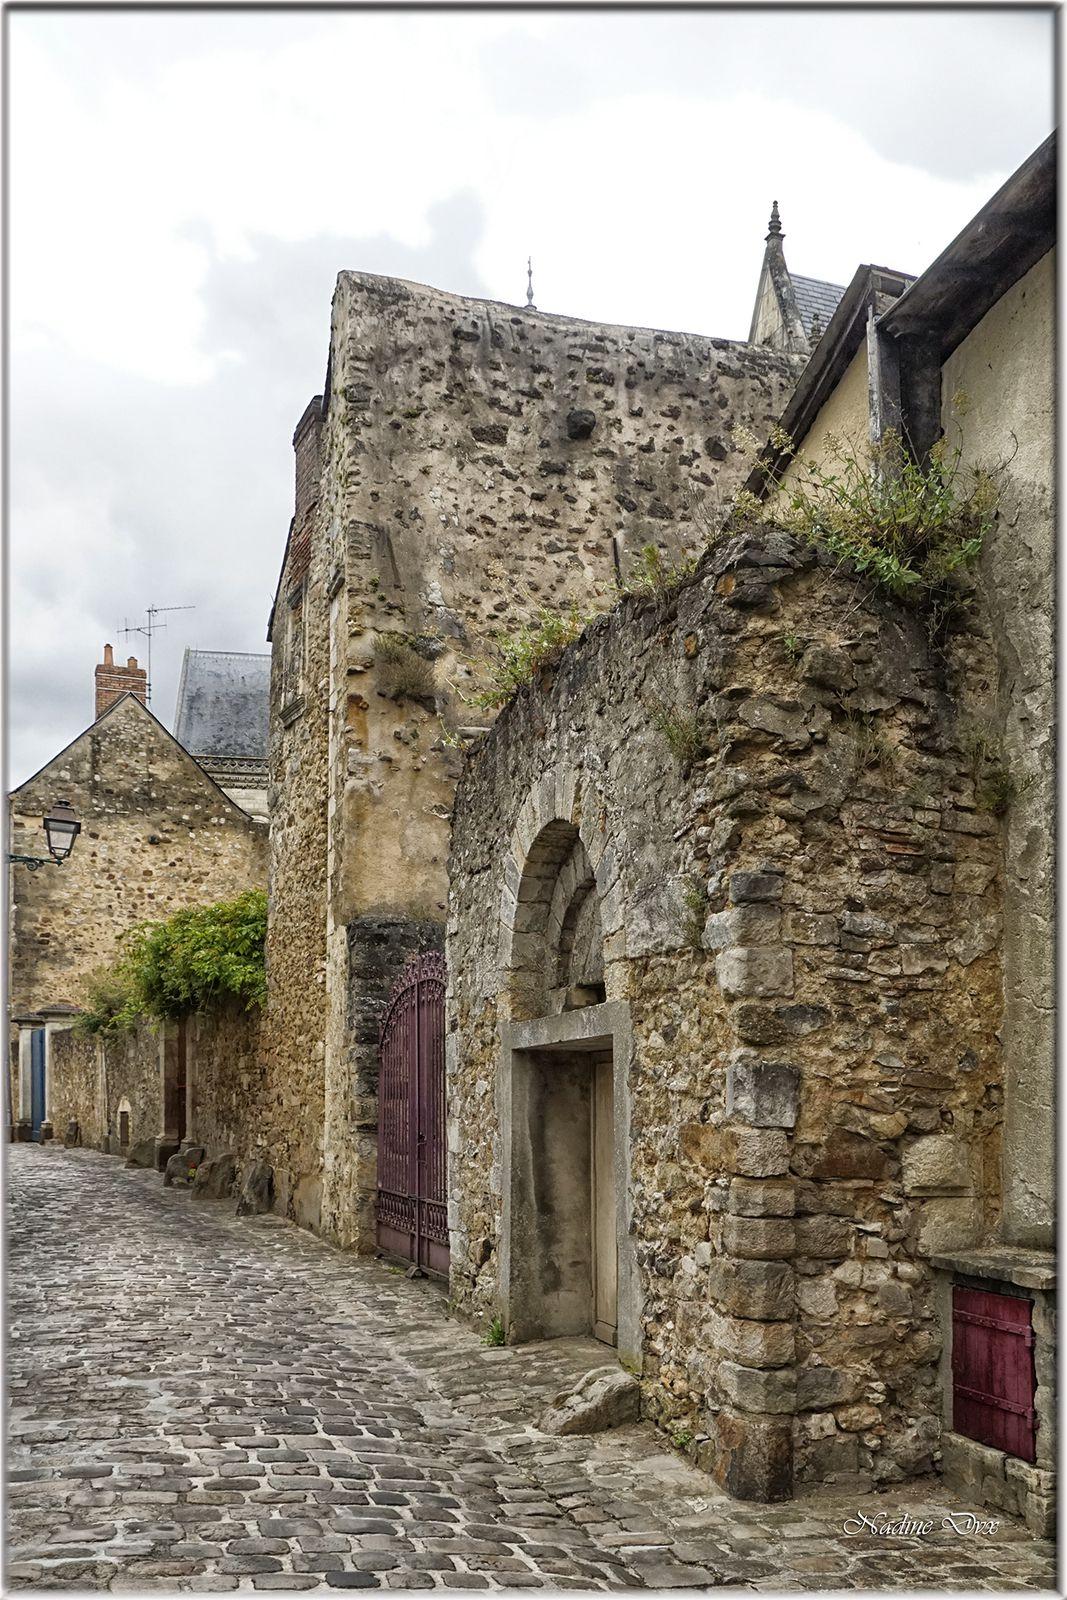 Vestige d'une porte romane rue des chanoines -Le Mans